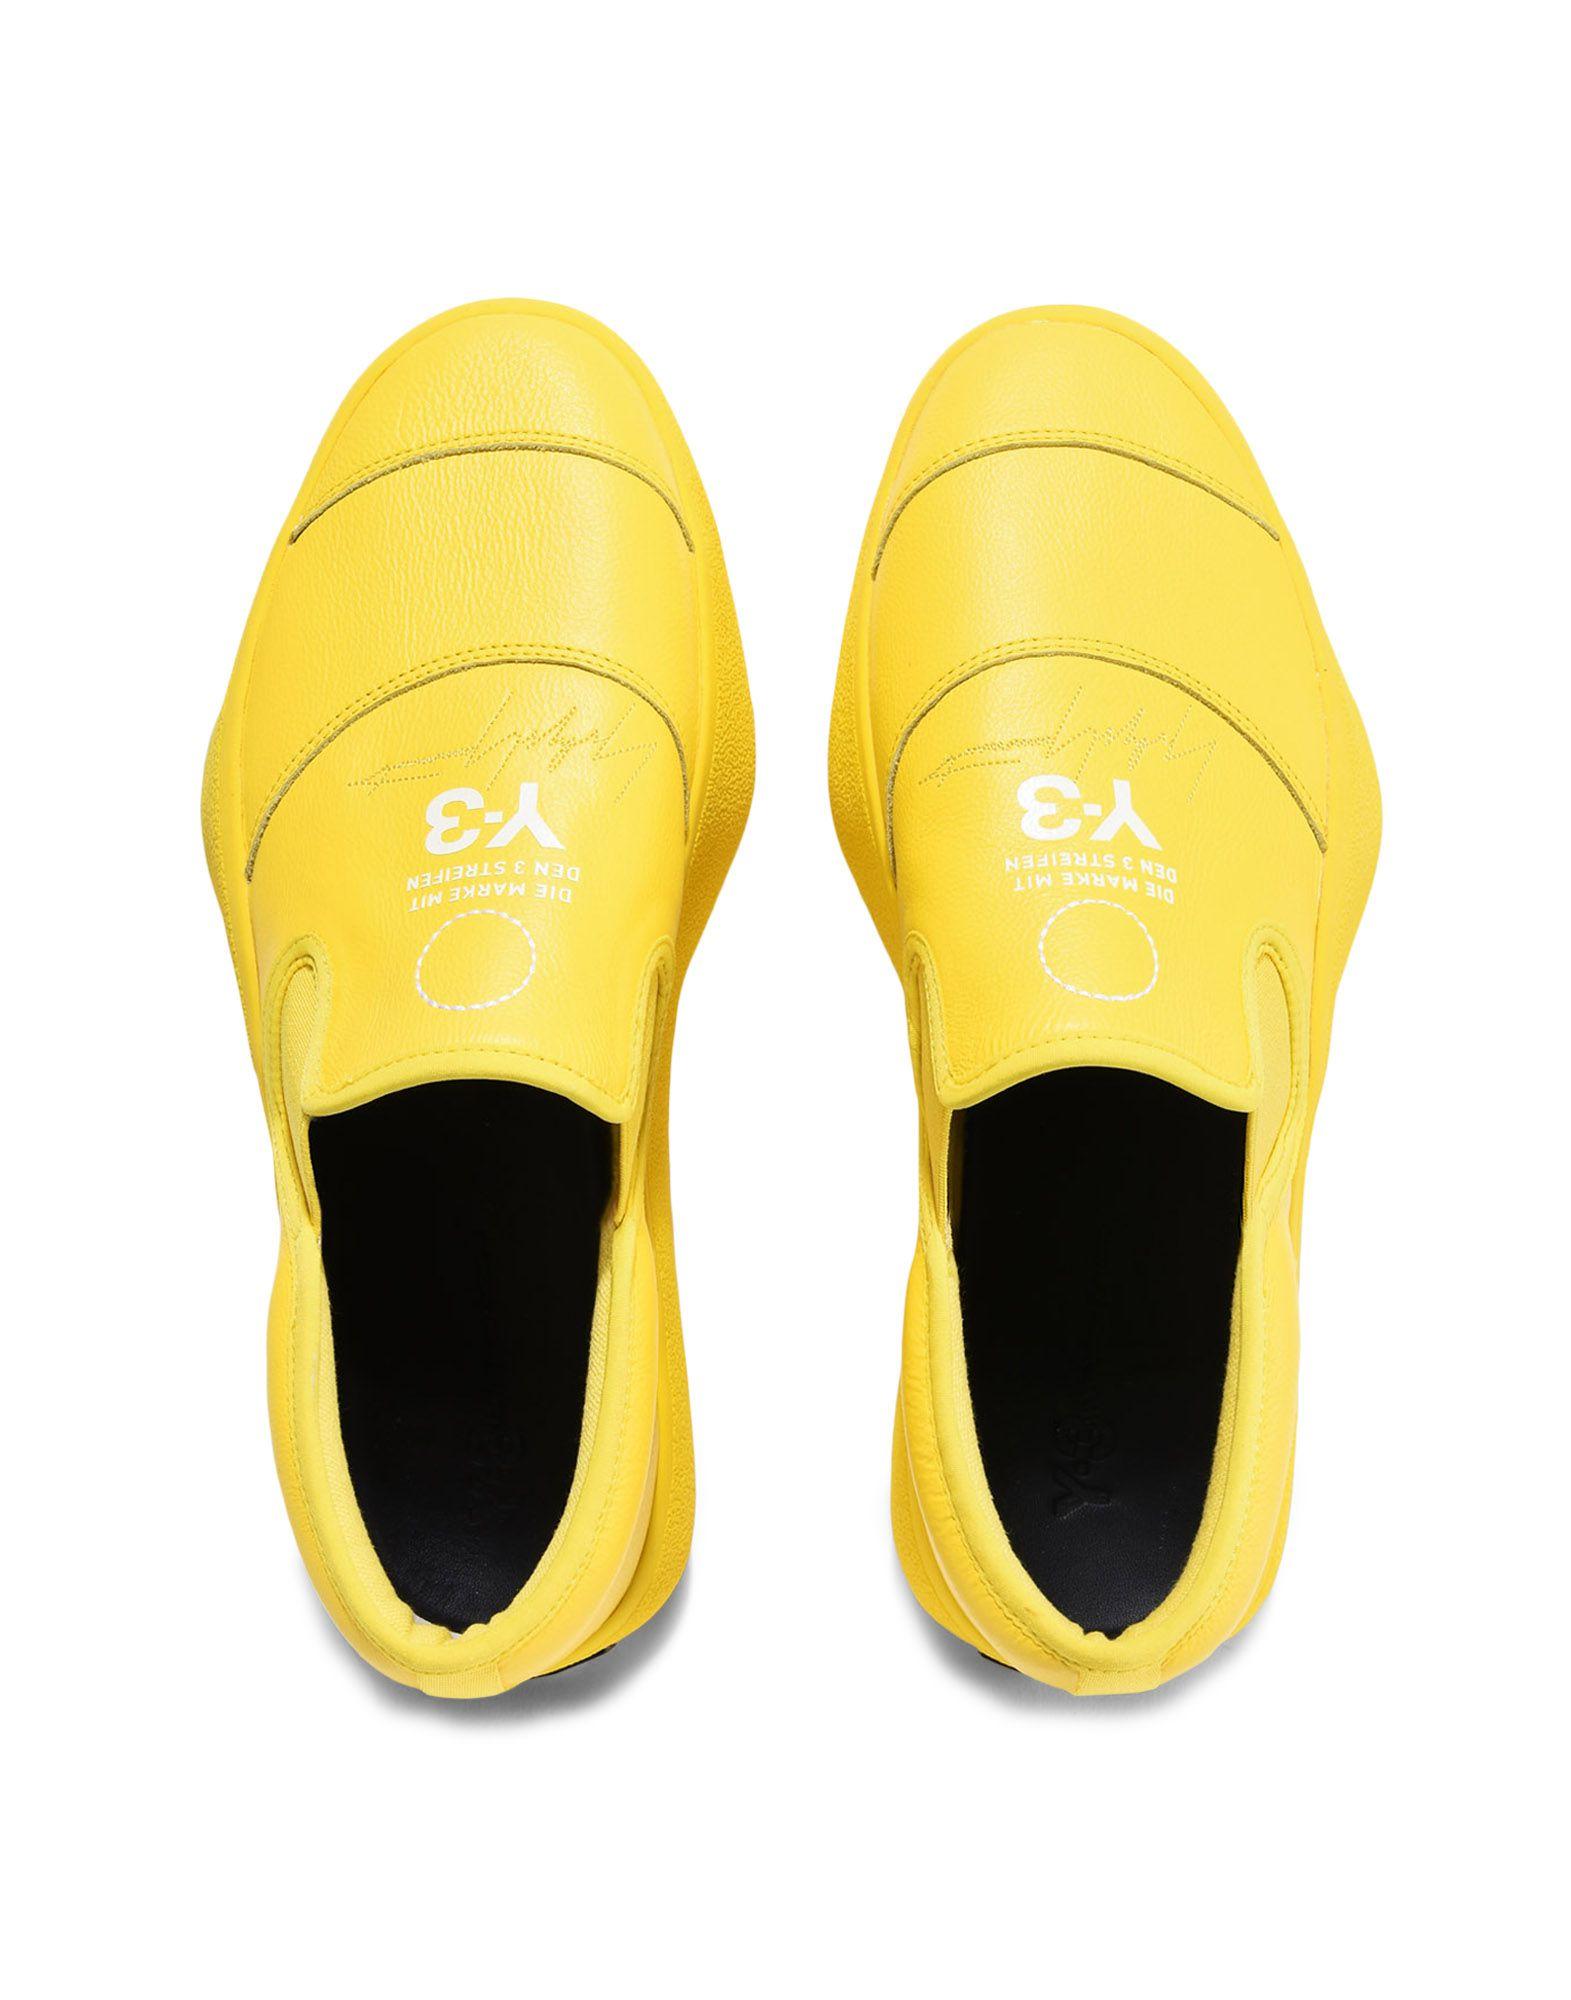 Y-3 Tangutsu SHOES unisex Y-3 adidas